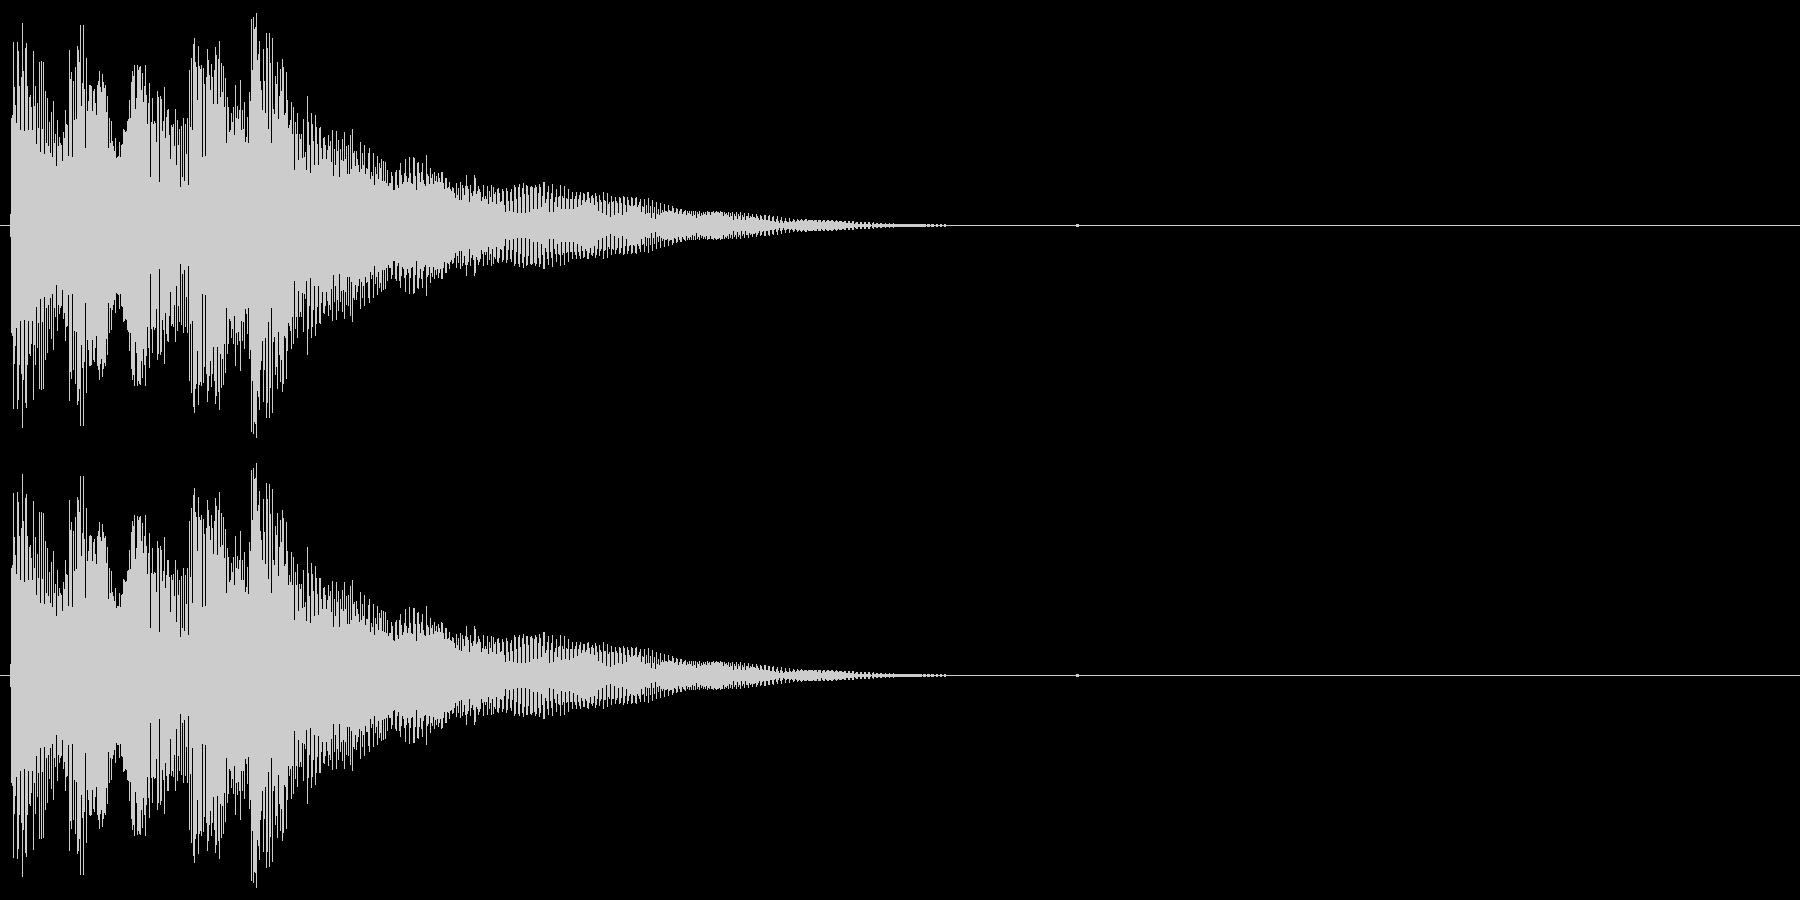 ボヨヨーンとした音色のサウンドロゴの未再生の波形